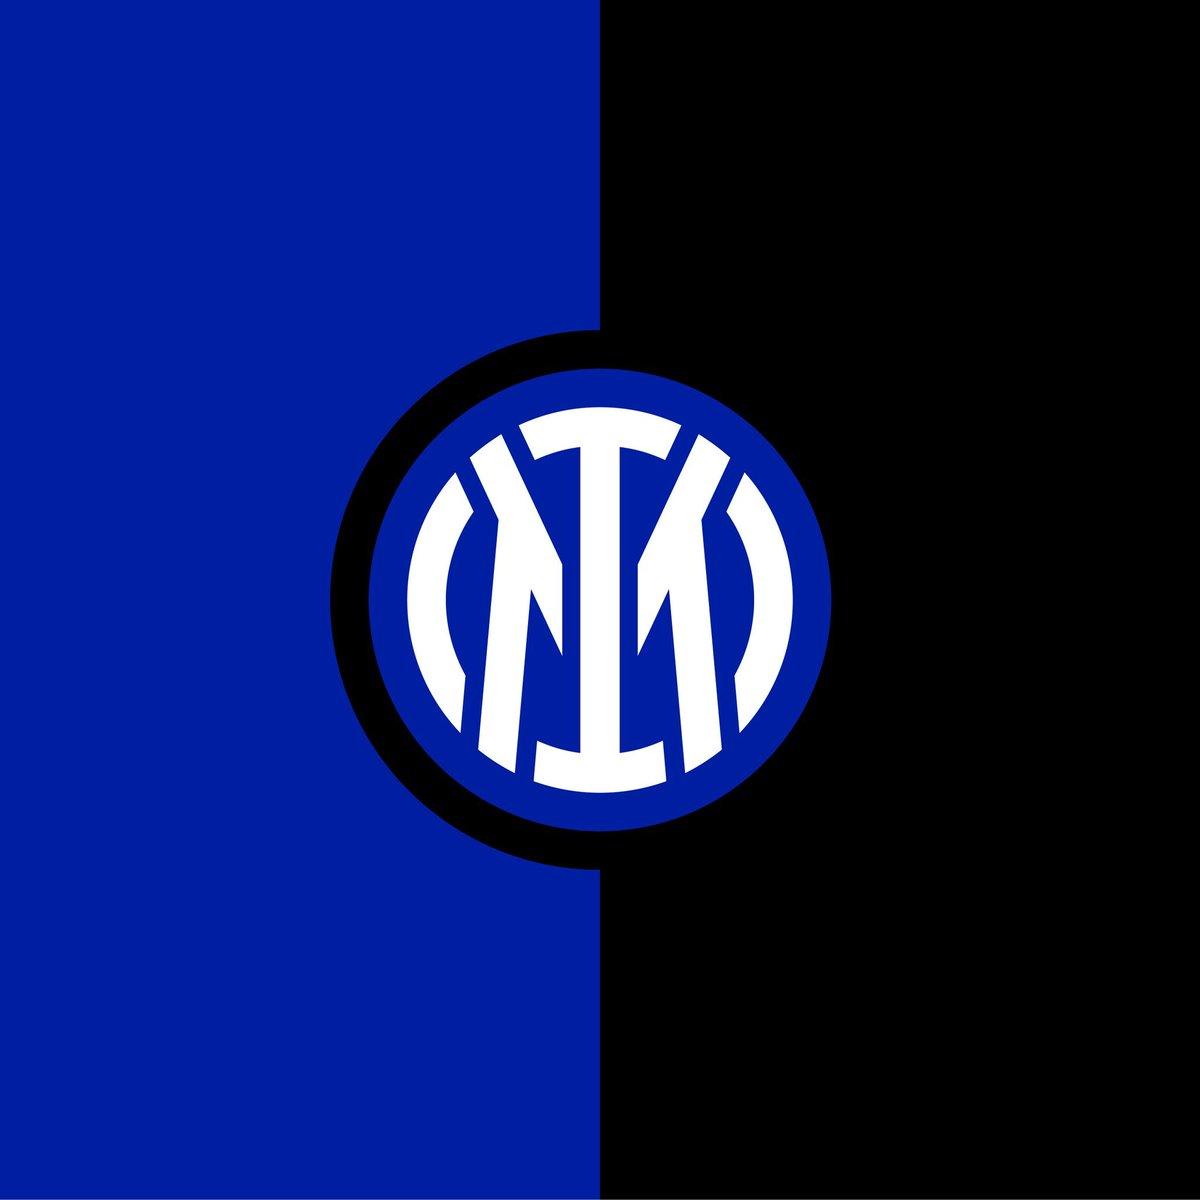 Inter de Milão oficializa novo escudo